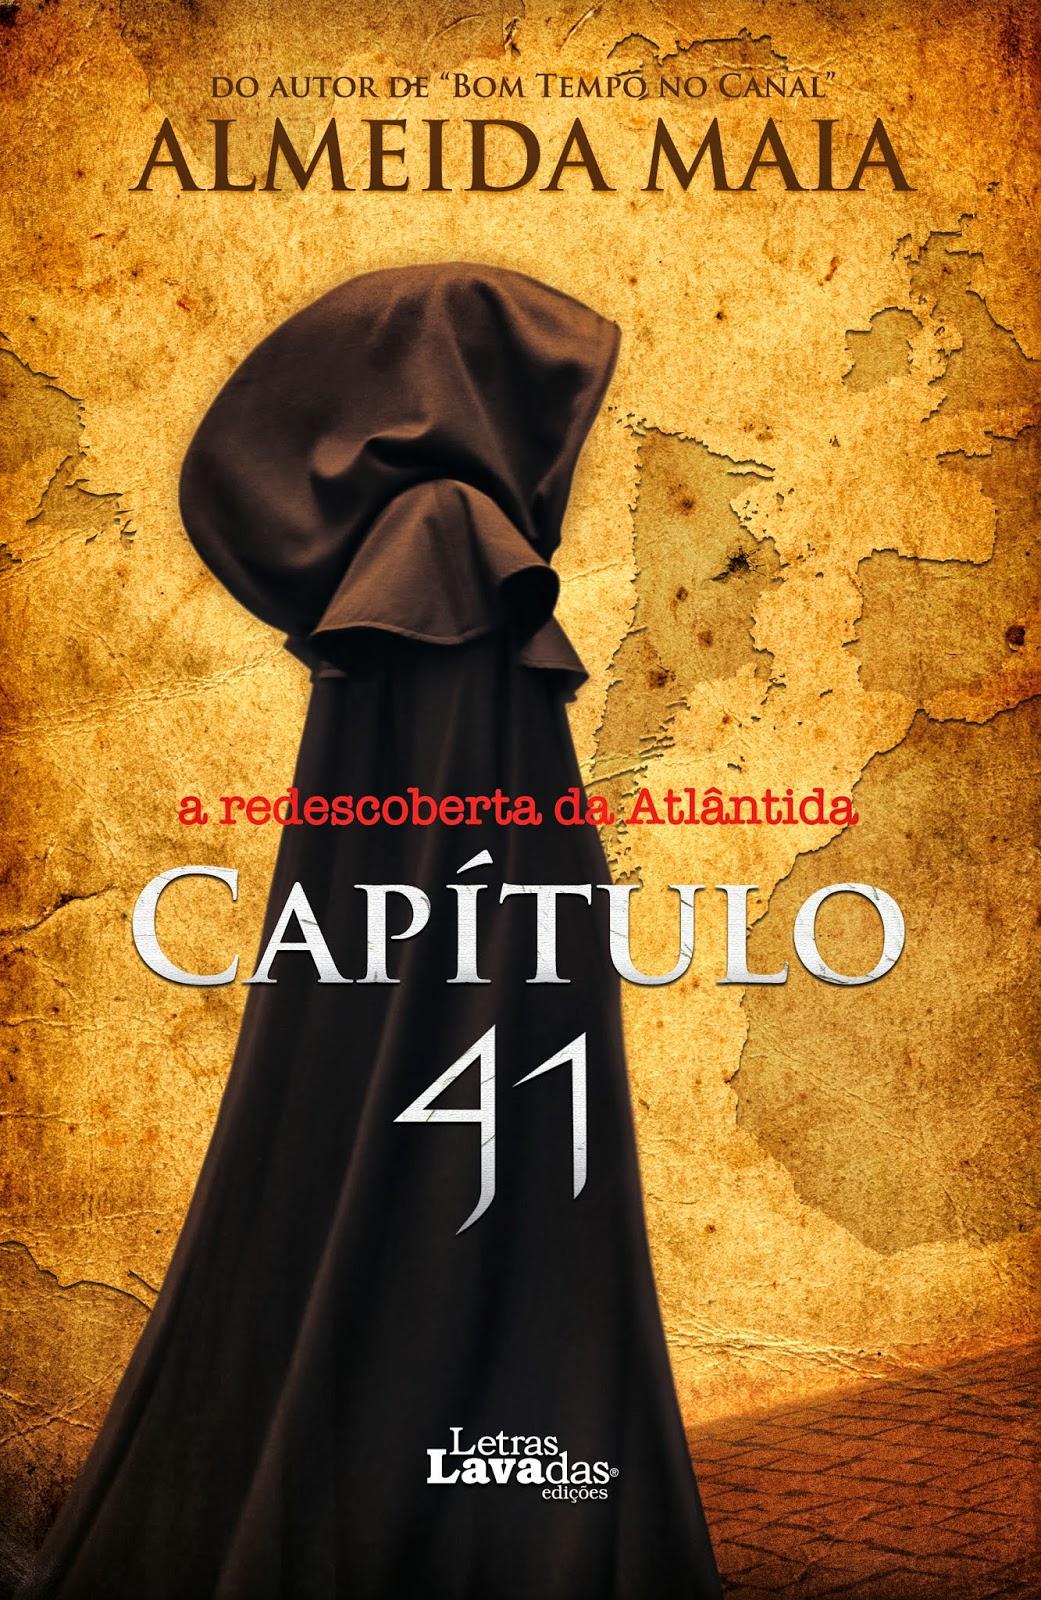 Capítulo 41 - a redescoberta da Atlântida